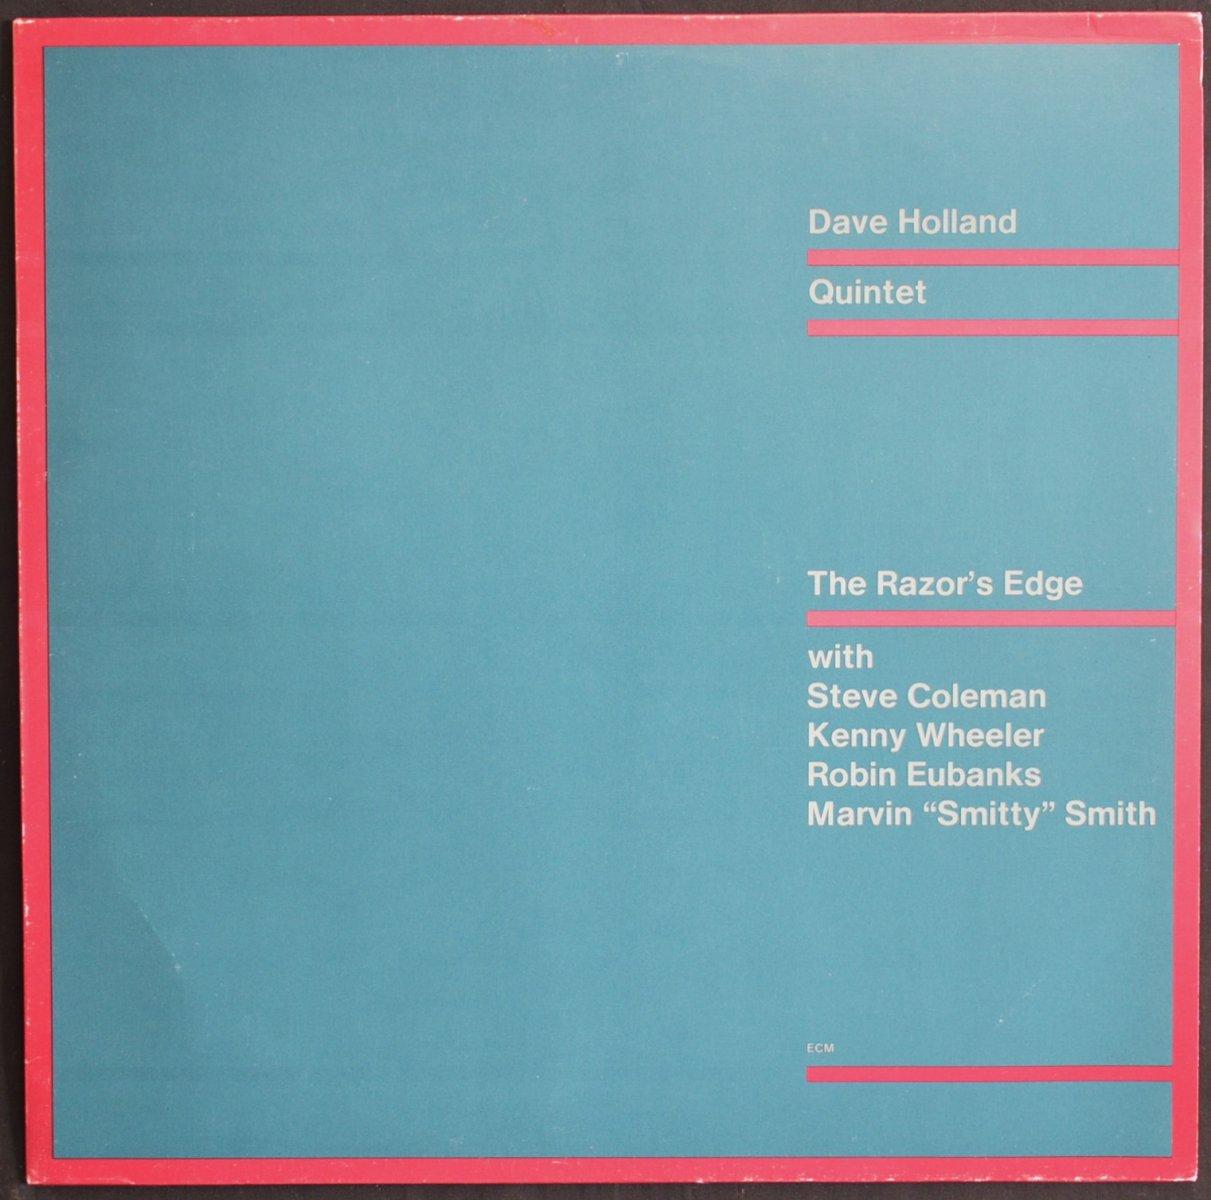 DAVE HOLLAND QUINTET / THE RAZOR'S EDGE (LP)